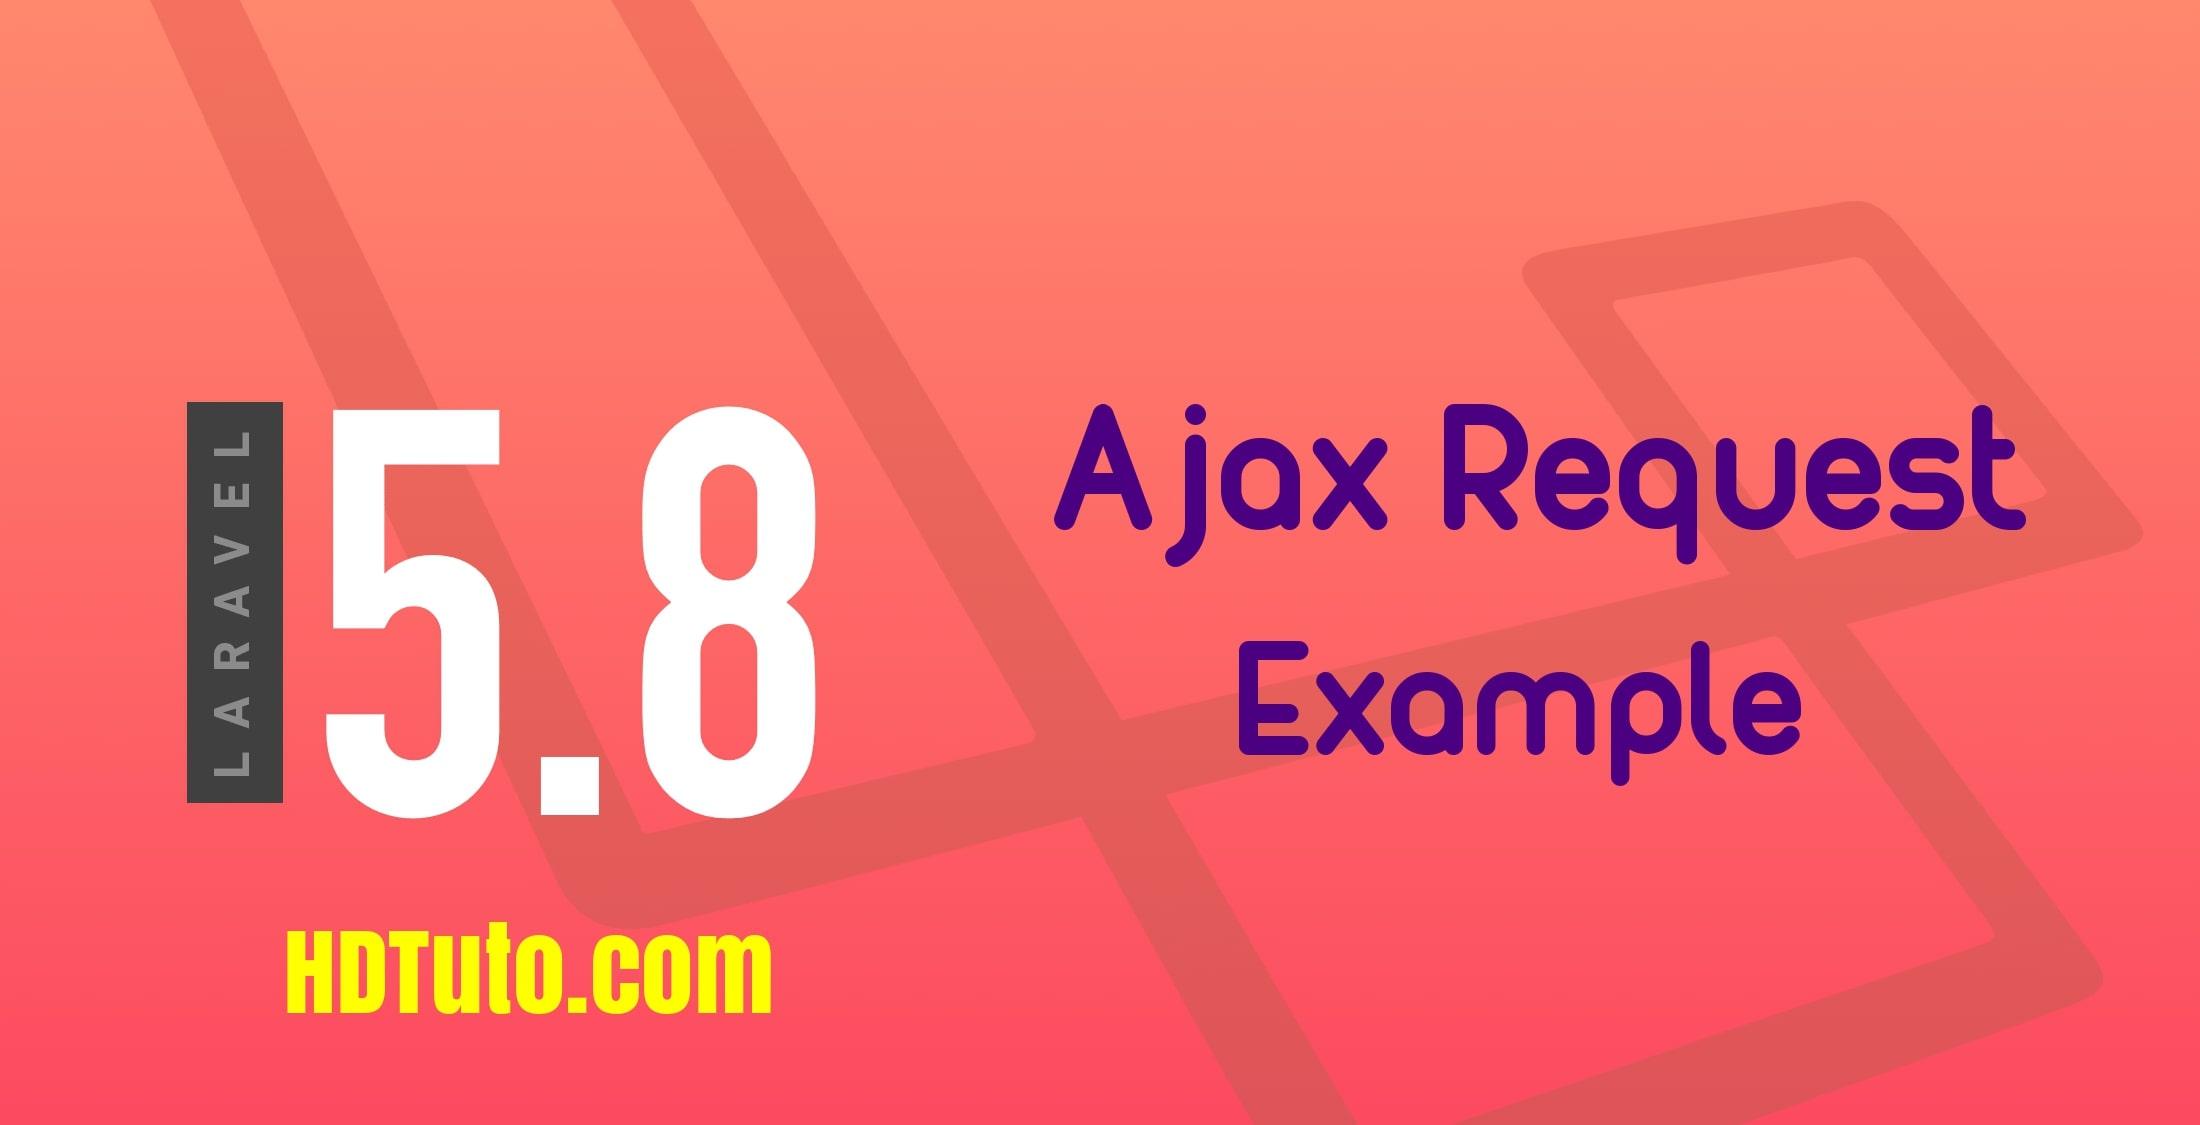 Laravel 5 8 Ajax Tutorial Example - HDTuto com